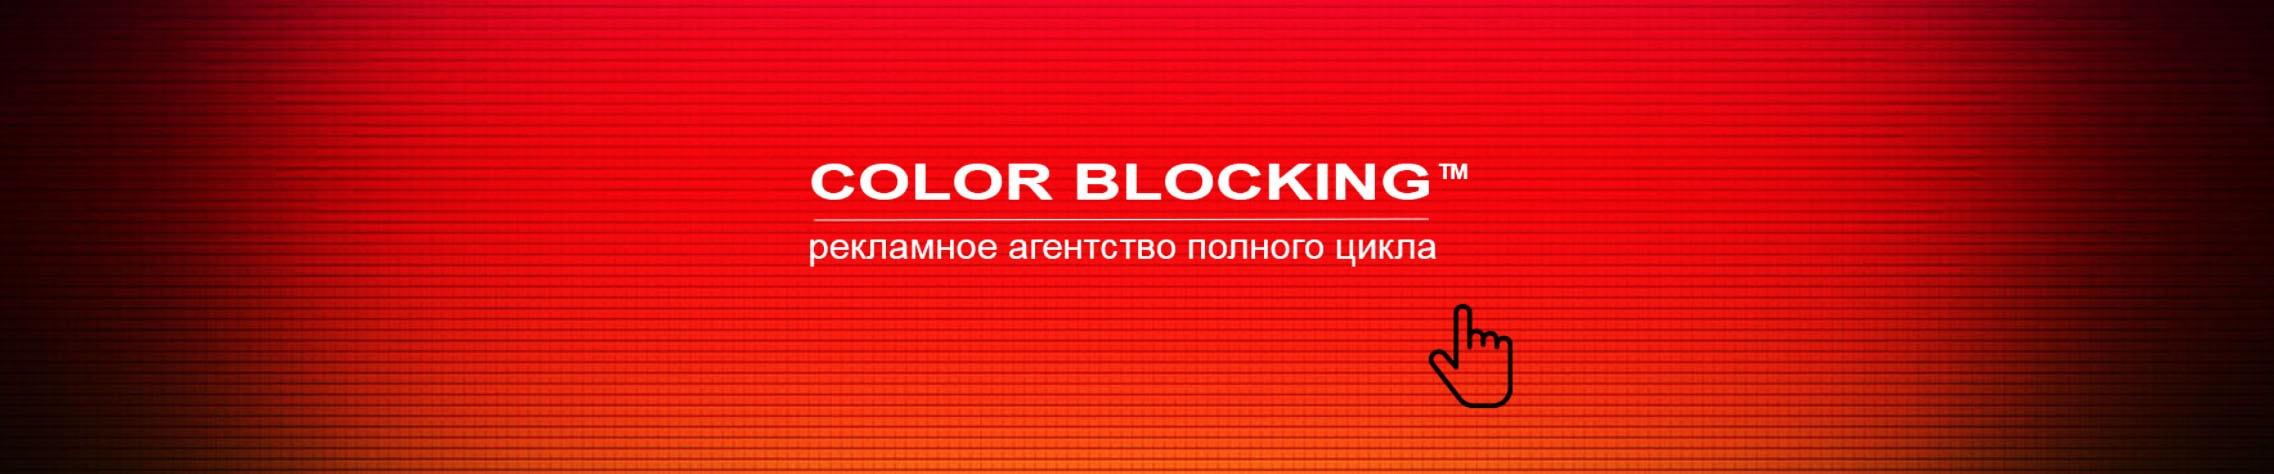 Рекламная кампания в Ингушетии агентство